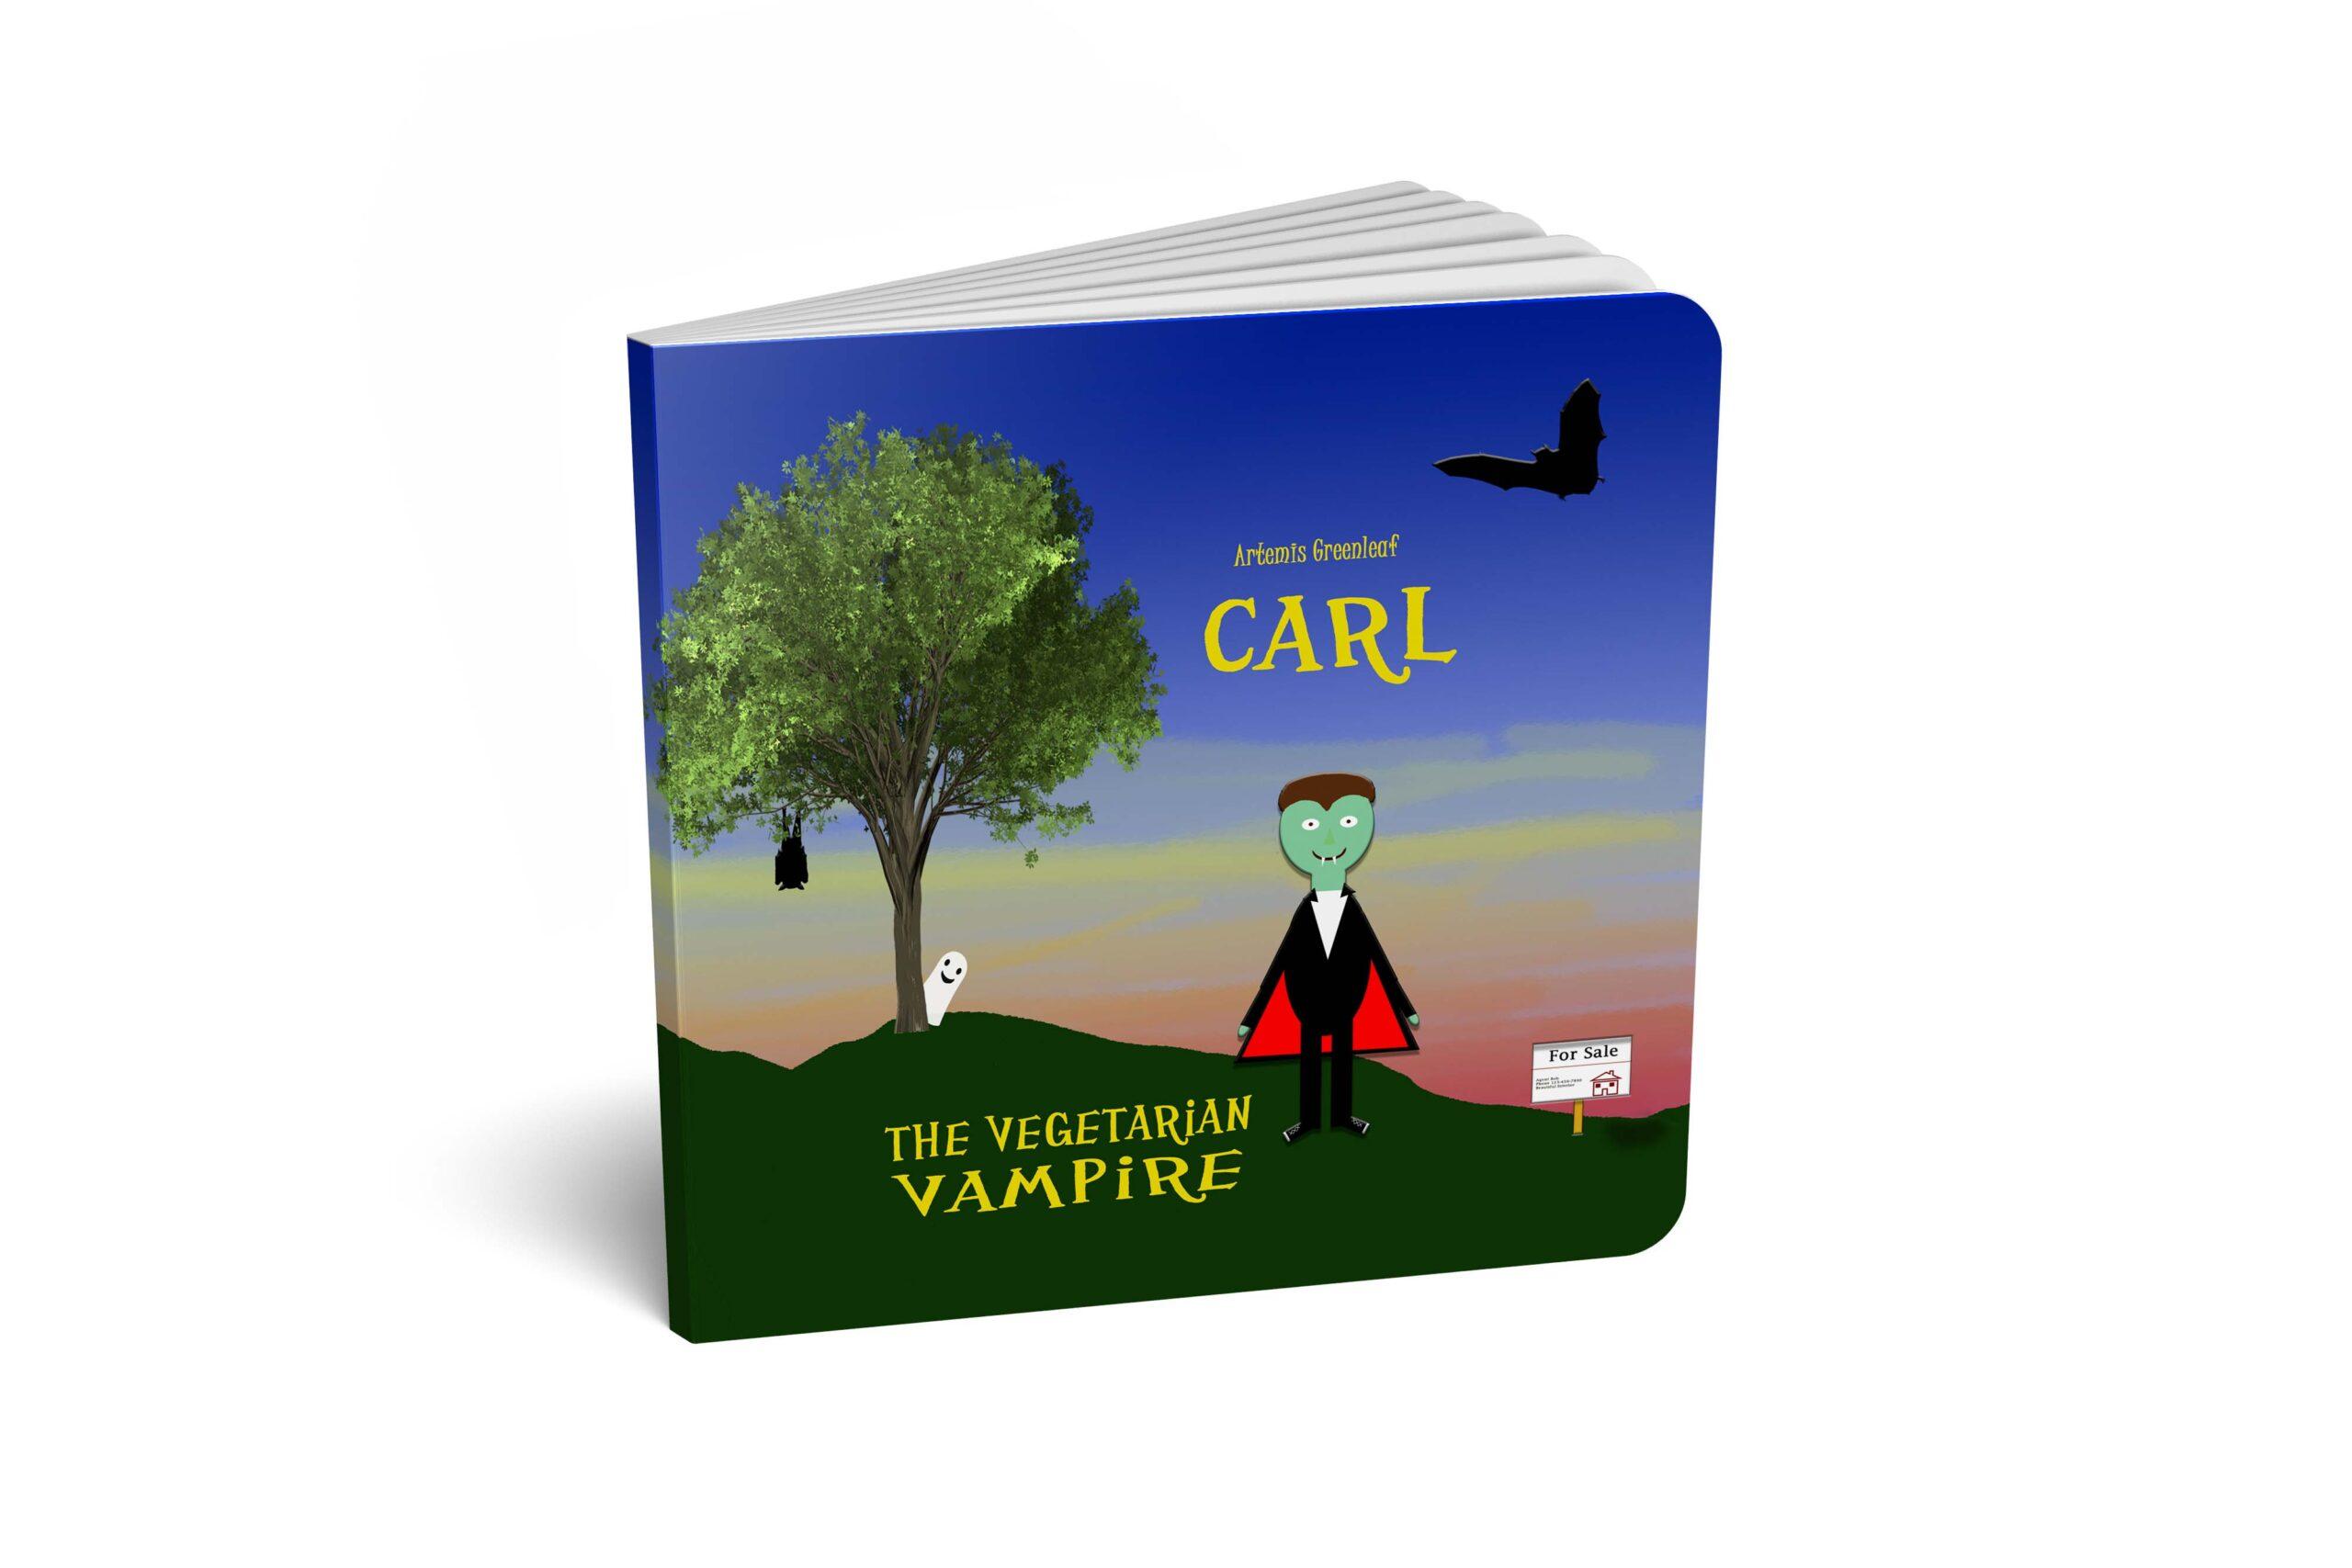 Carl the Vegetarian Vampire